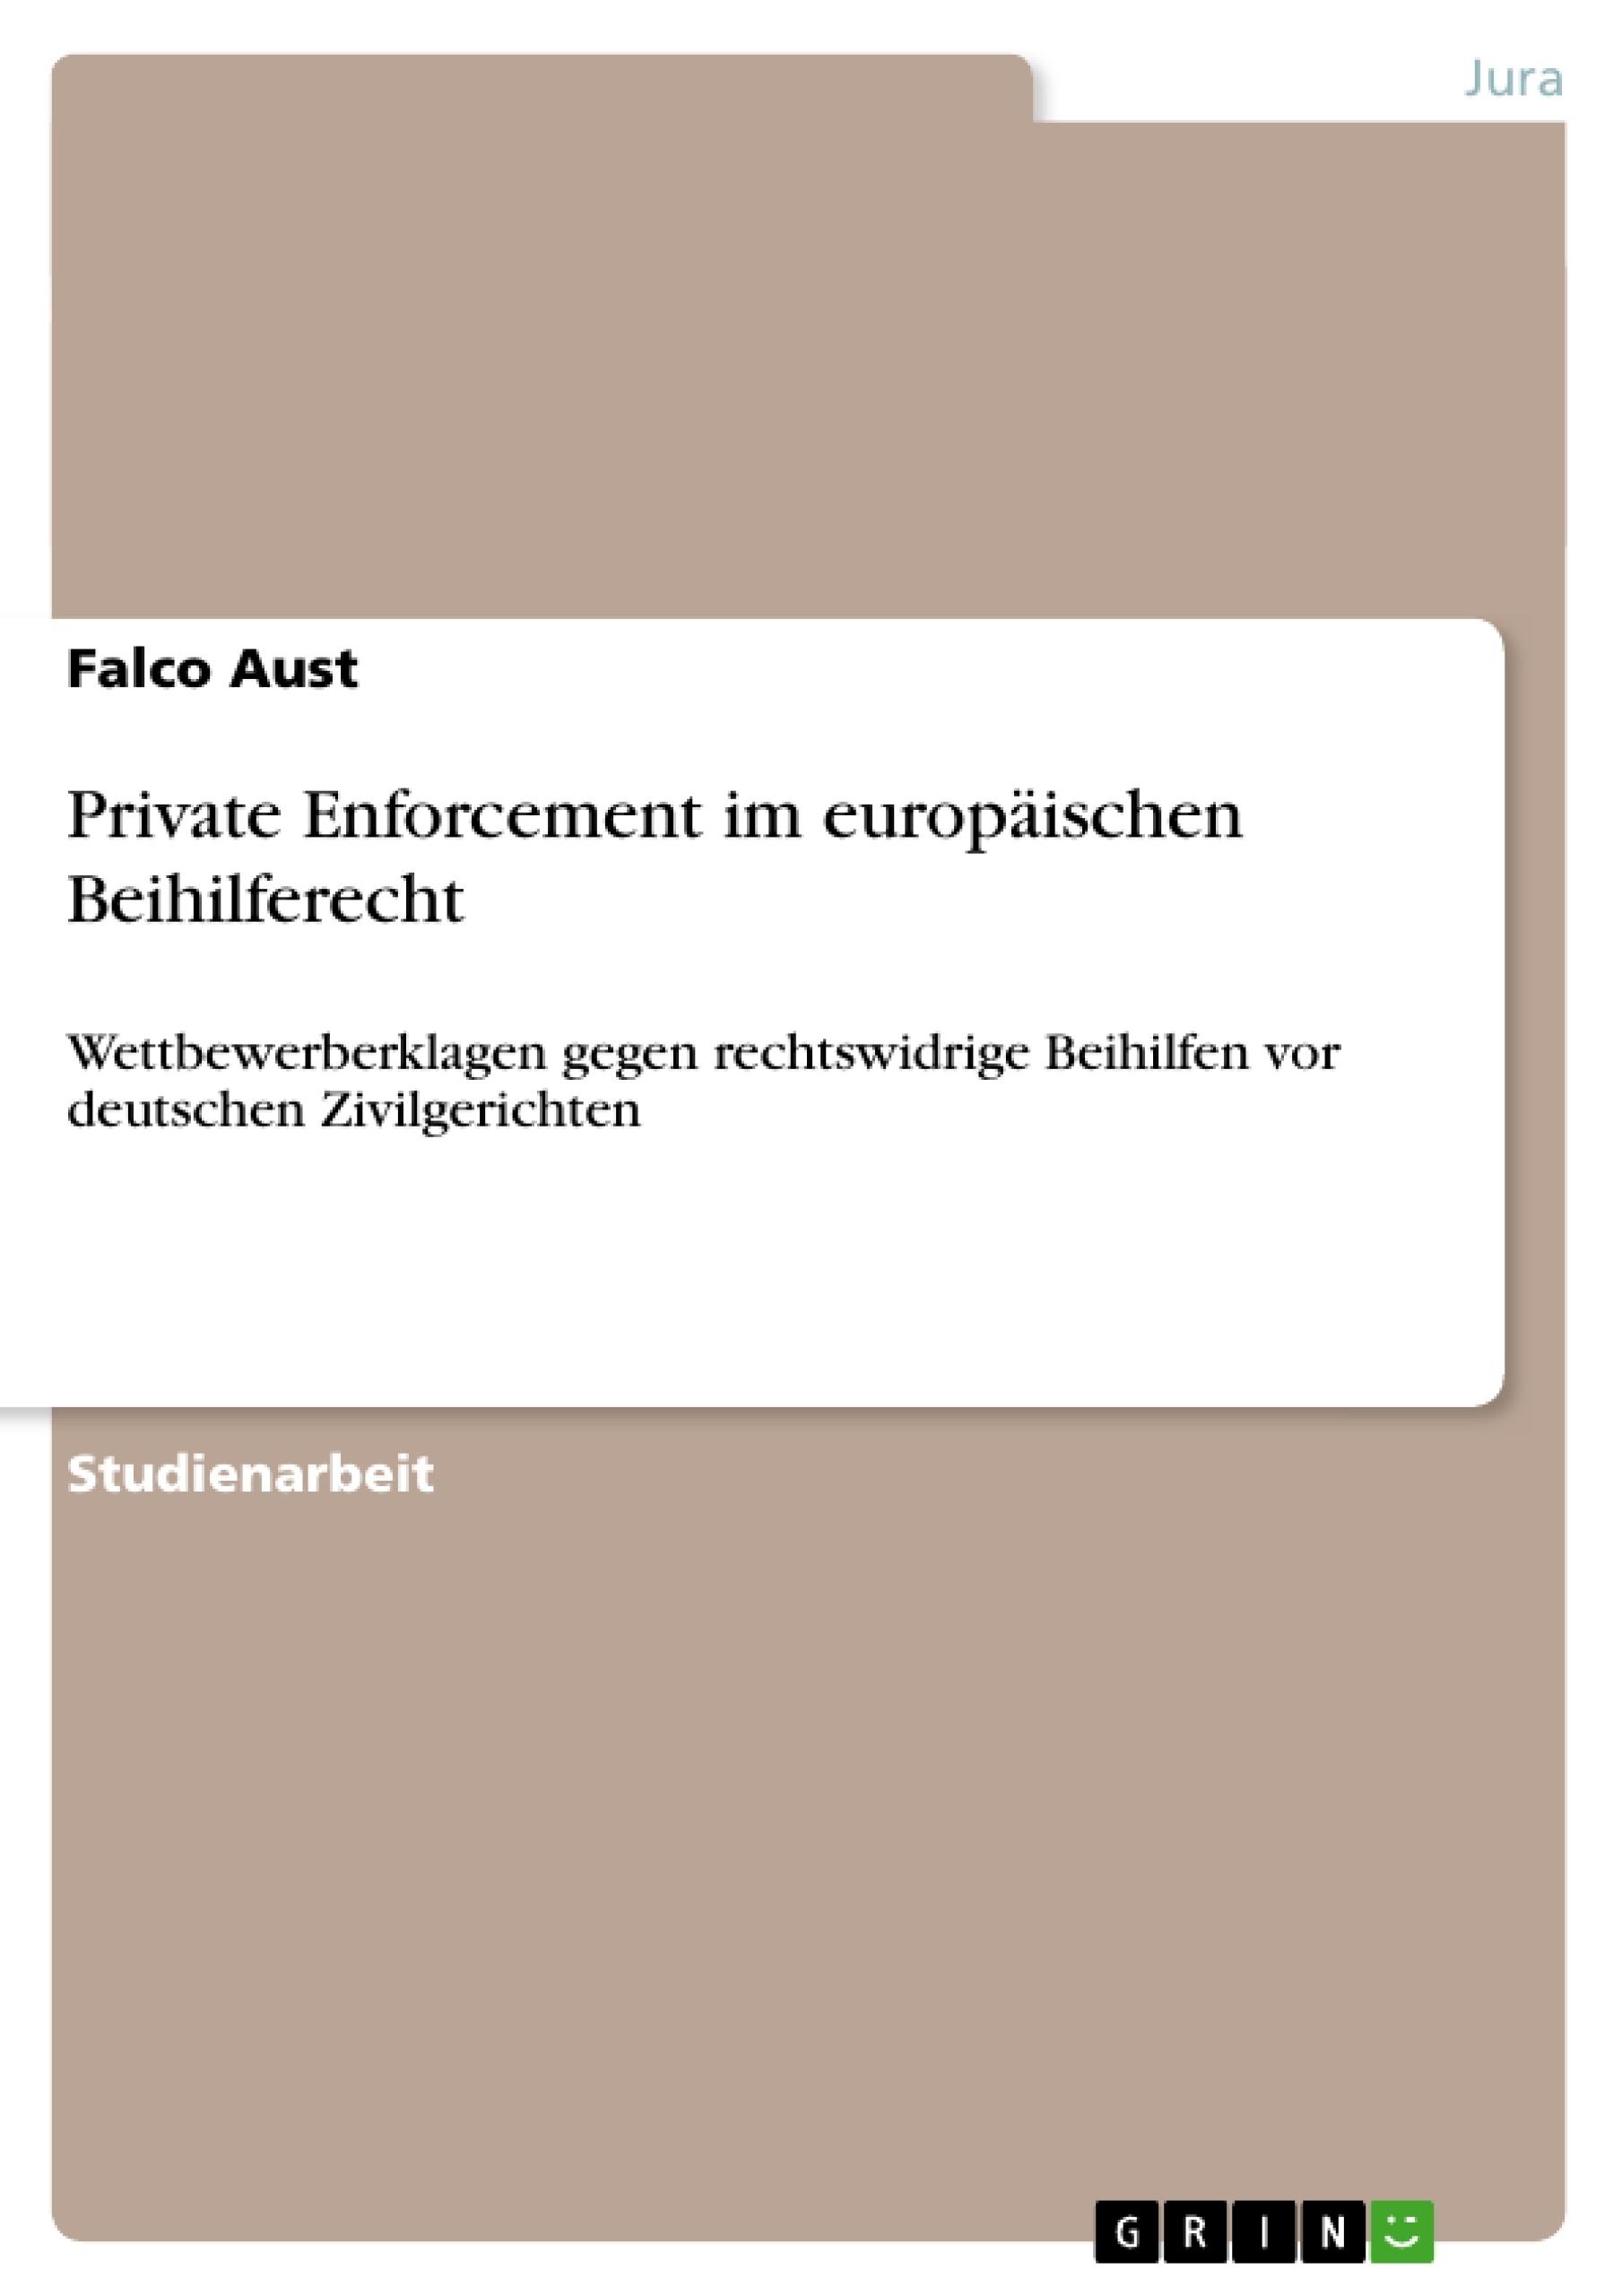 Titel: Private Enforcement im europäischen Beihilferecht